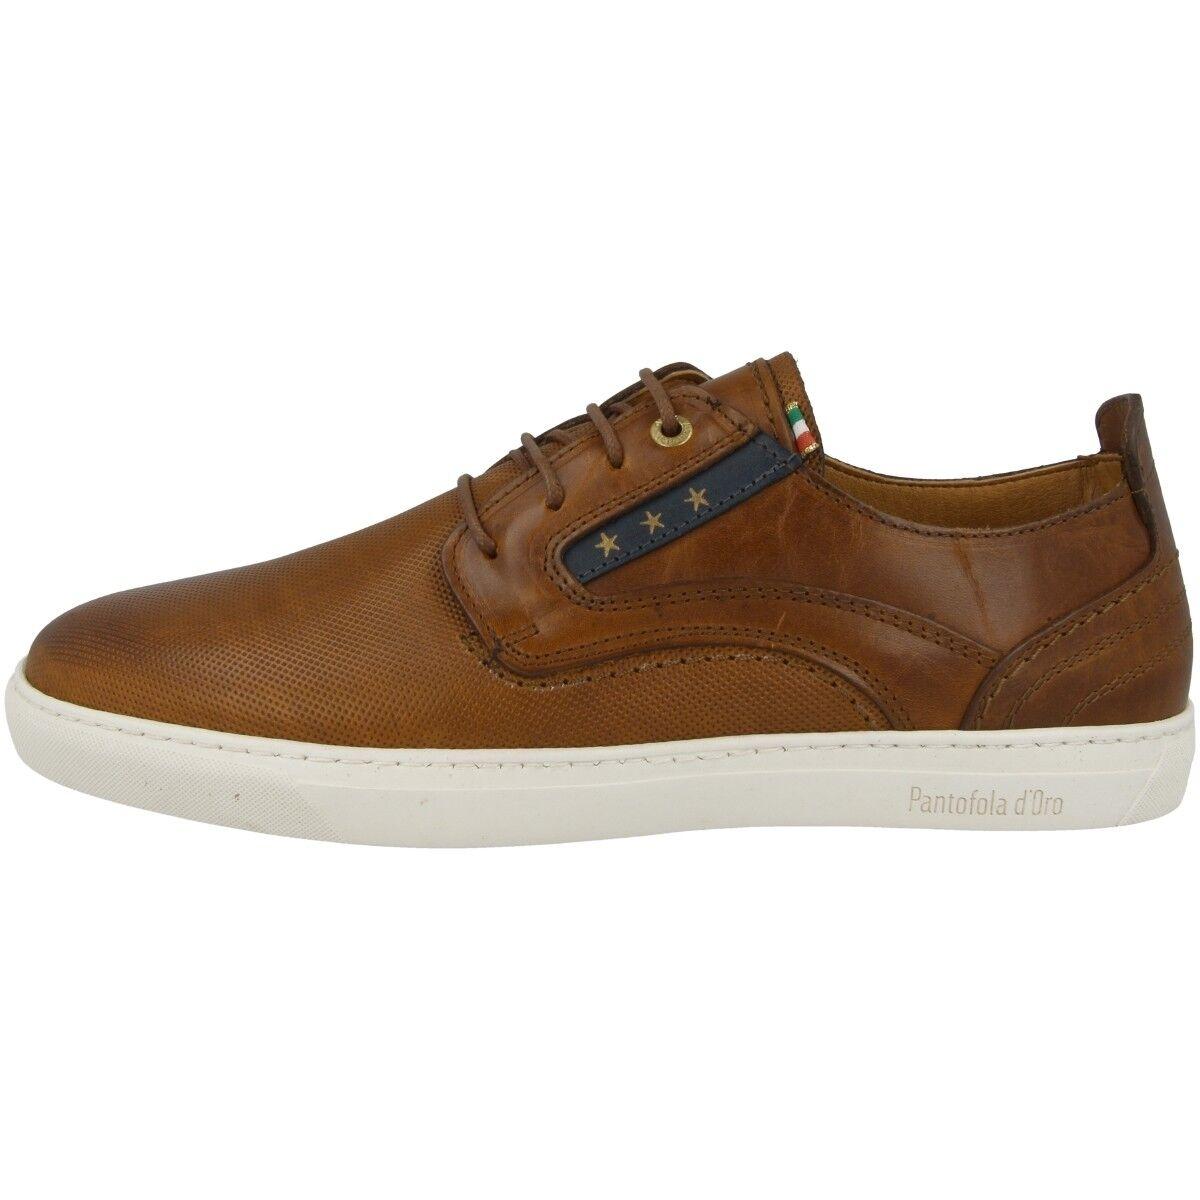 Pantofola D oro Vigo hombres Low Cut Zapatos Hombres Zapatillas Shell 10181007.JCU